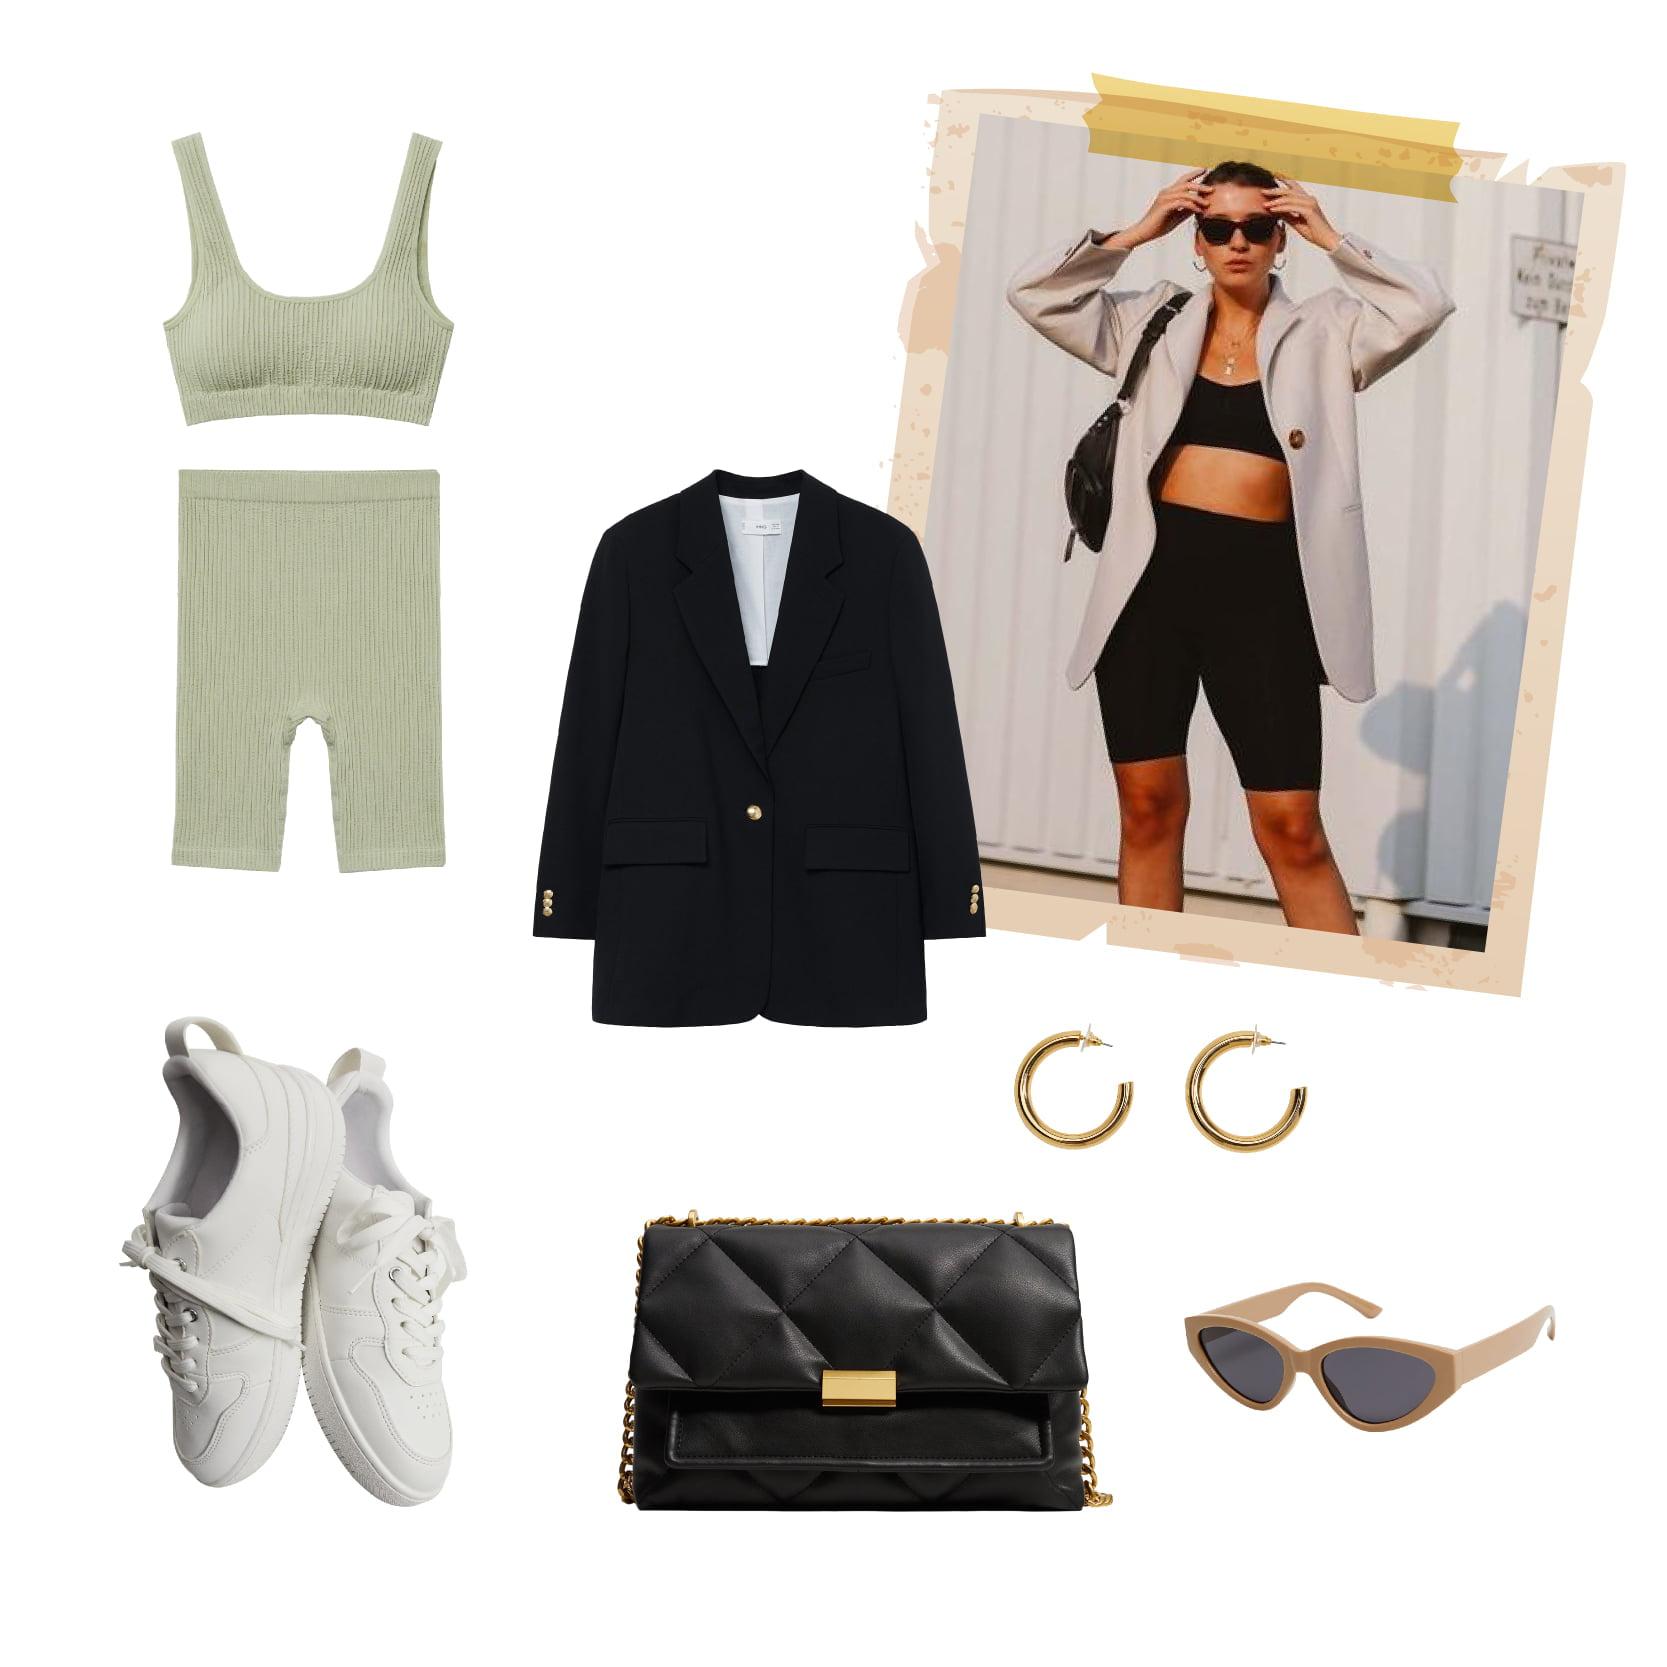 Những item thể thao đơn giản, năng động tạo nên vẻ ngoài hoàn hảo cho phong cách thời trang này